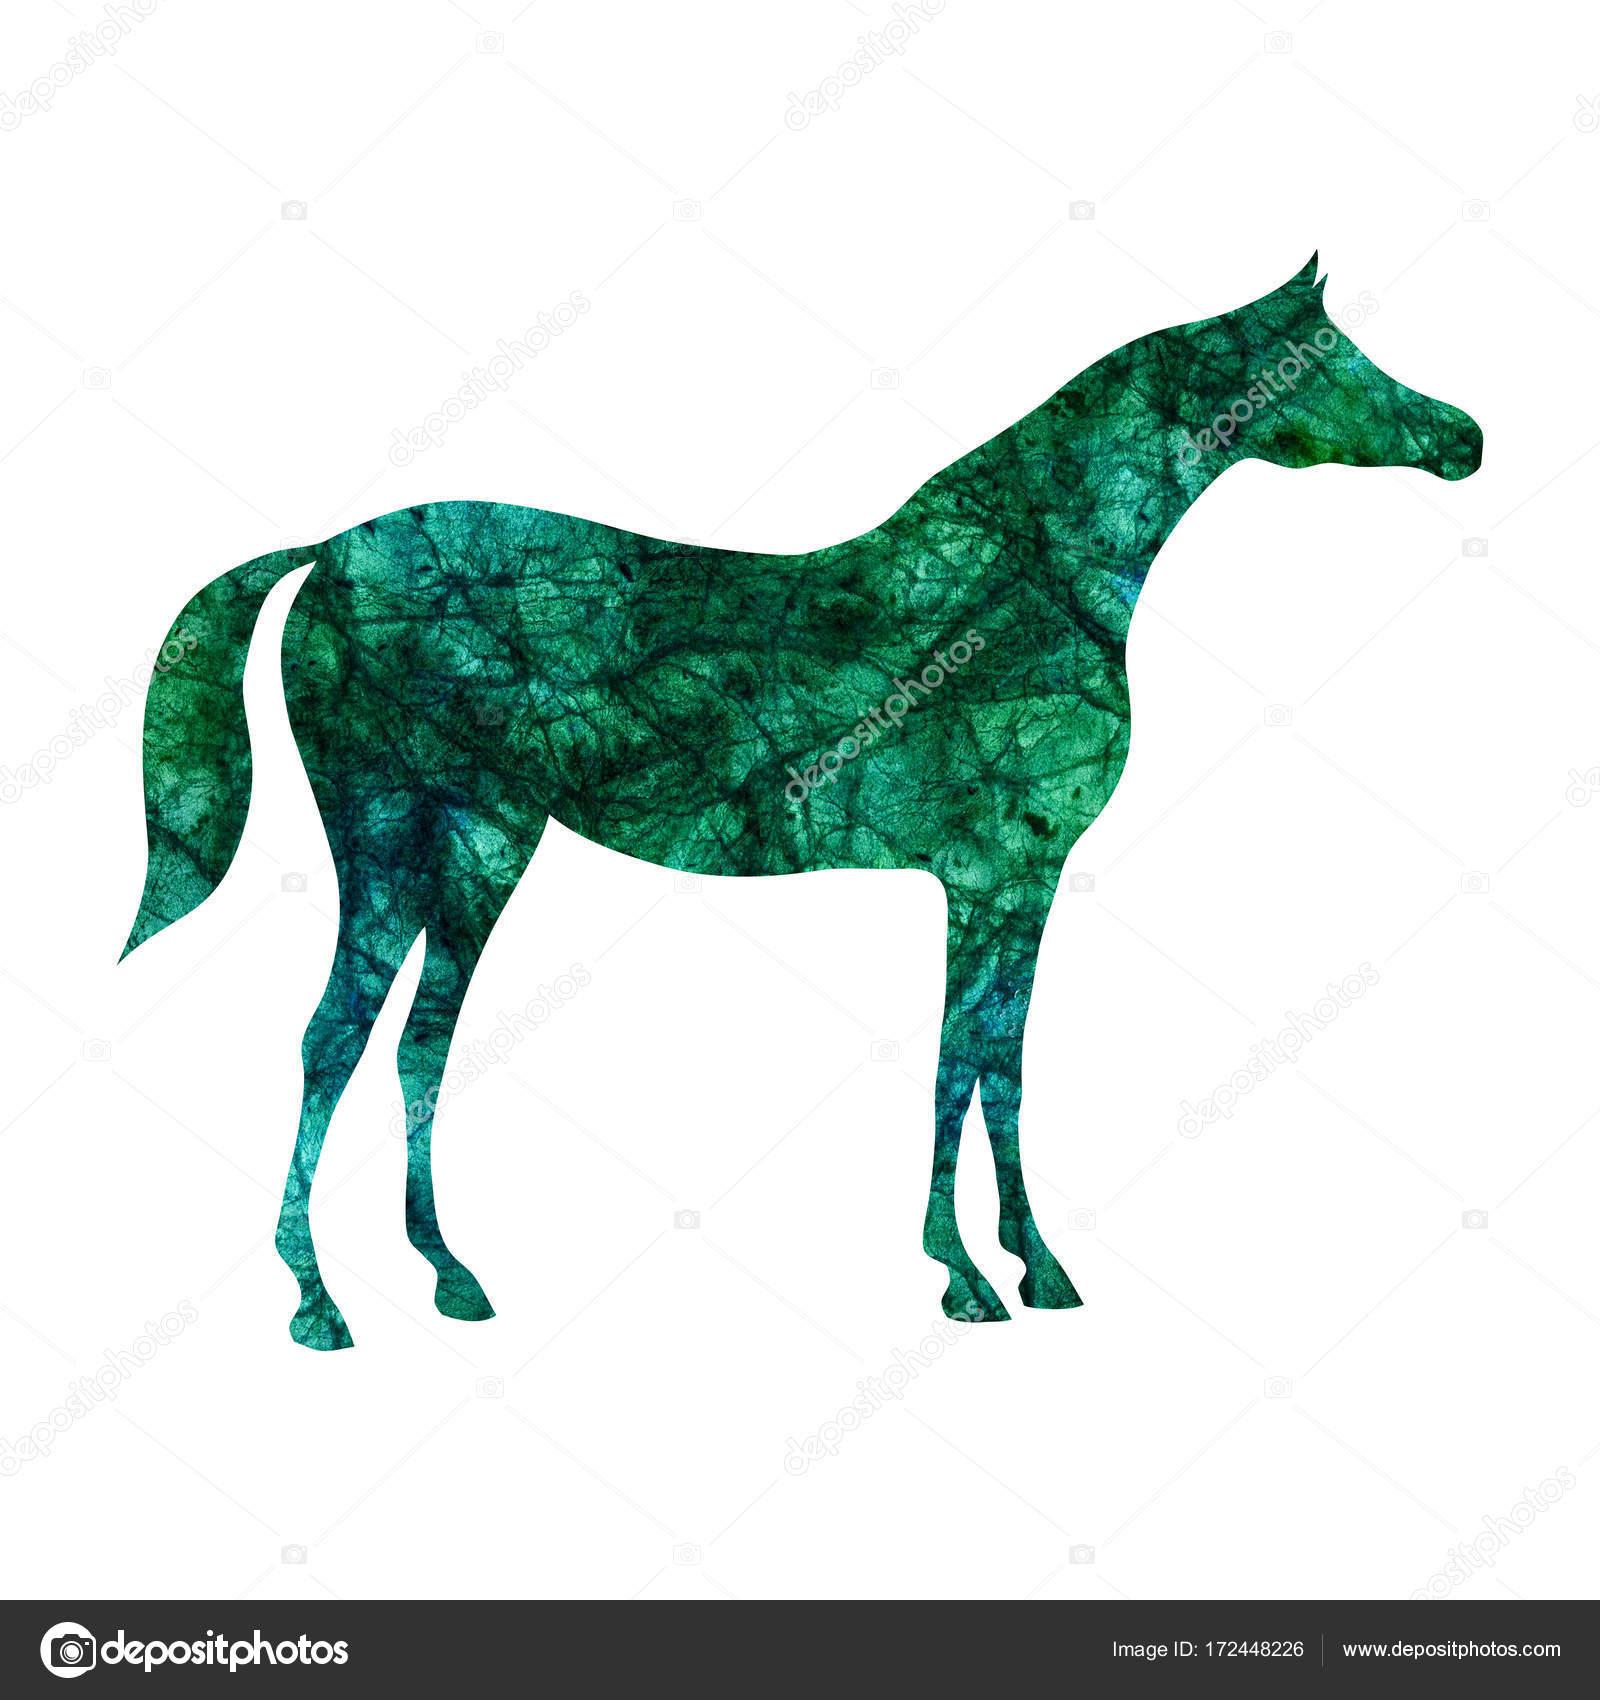 Arabian Horse Silhouette With Watercolor Green Malachite Emerald Color Texture On White Stock Photo C Larisa Zorina 172448226